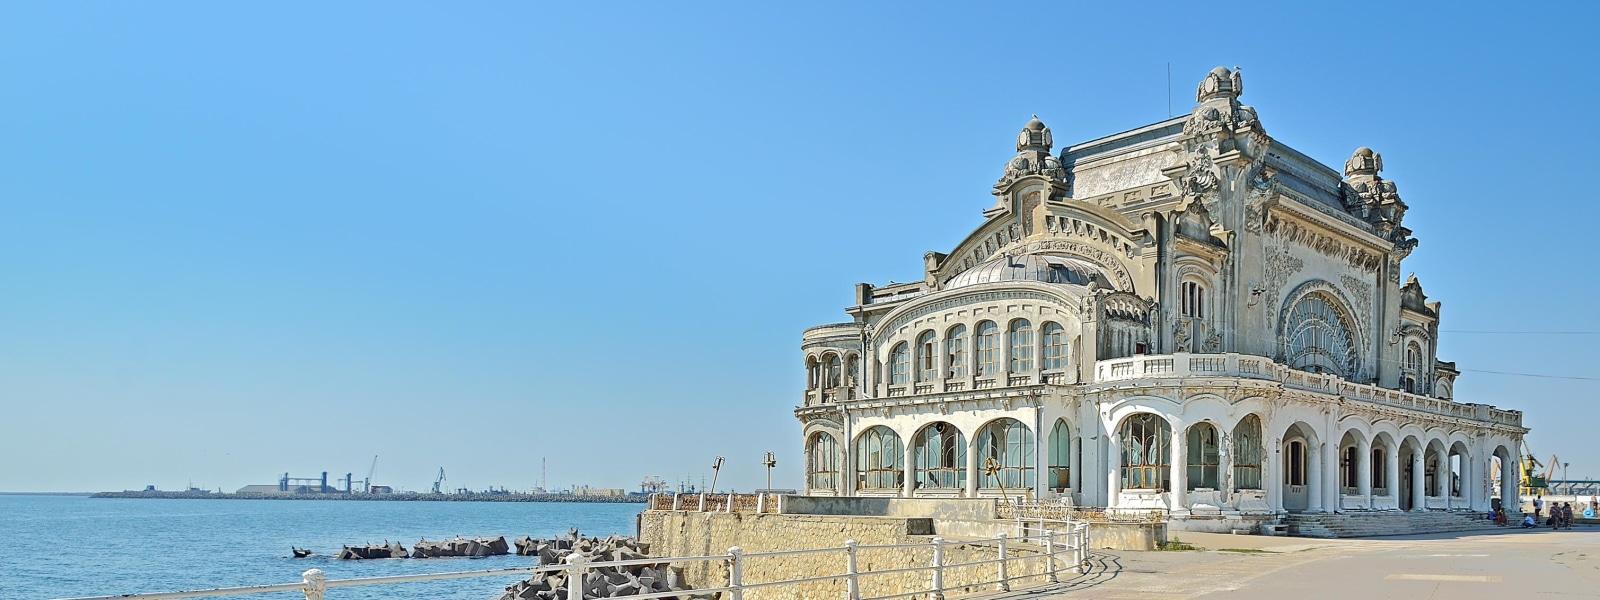 Constanta-Tour-Guide